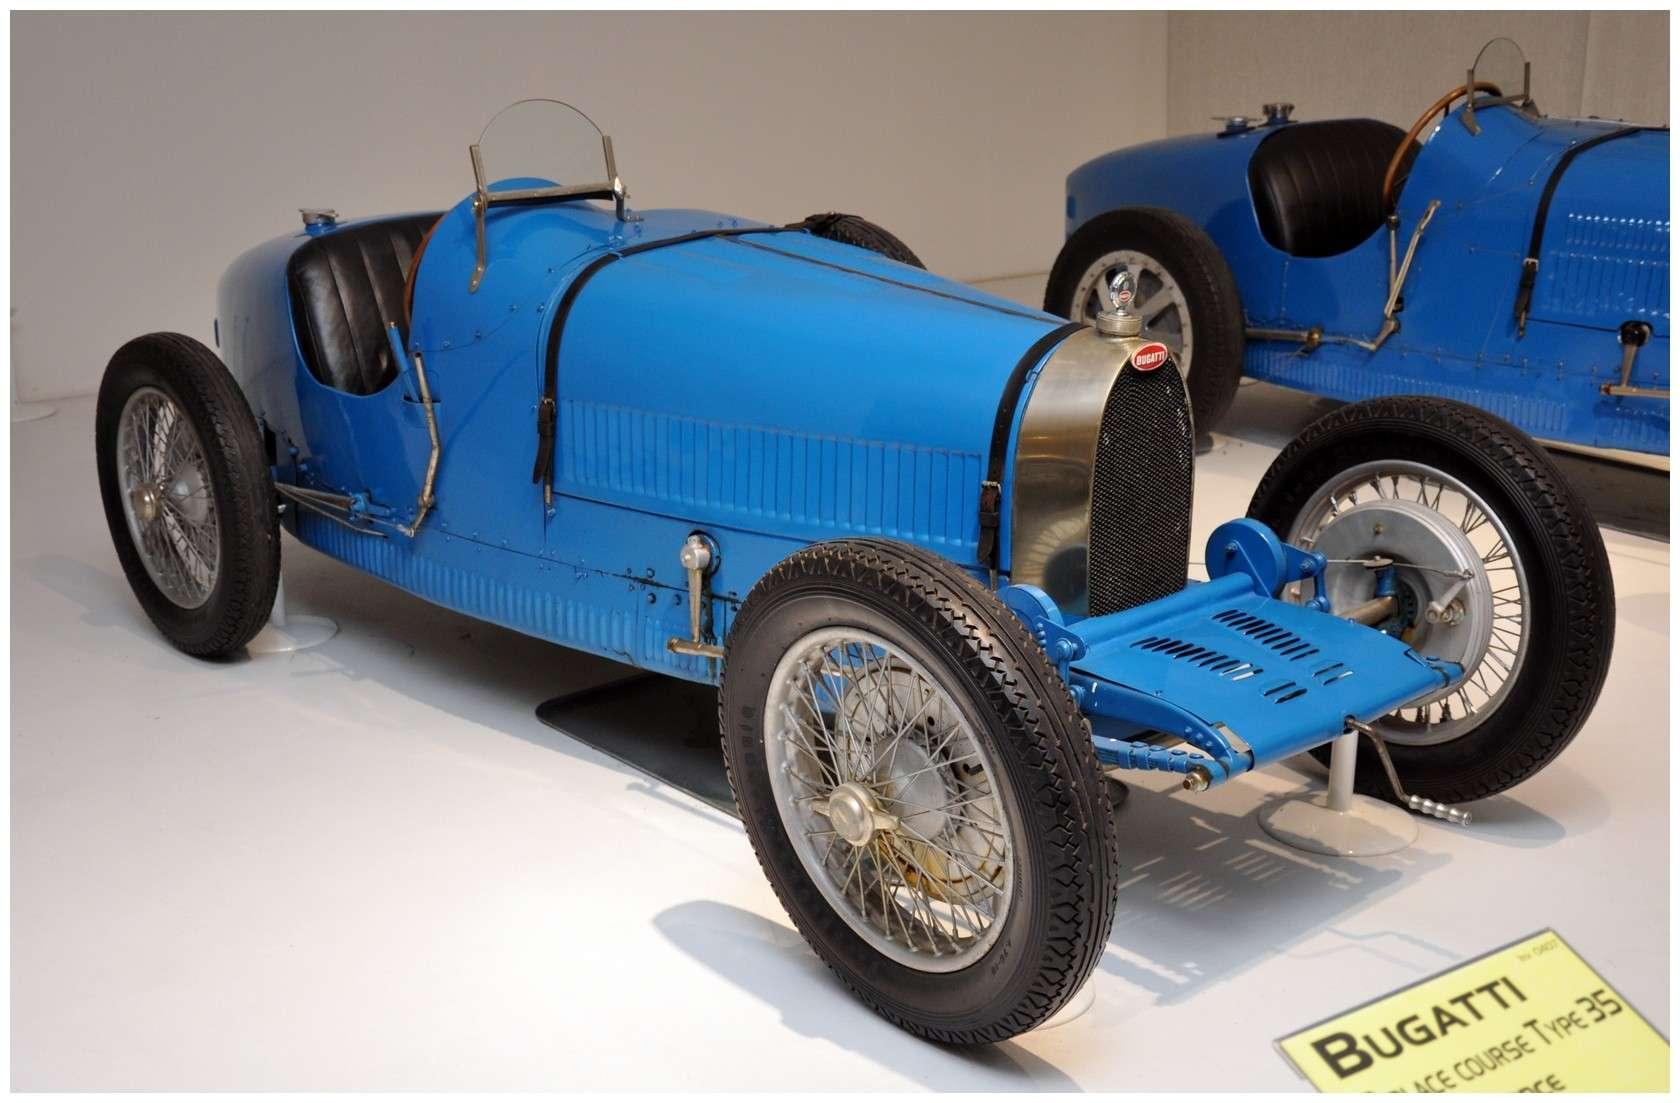 Mulhouse: La Cité de l' automobile, the largest car museum in the world. Bgatti10